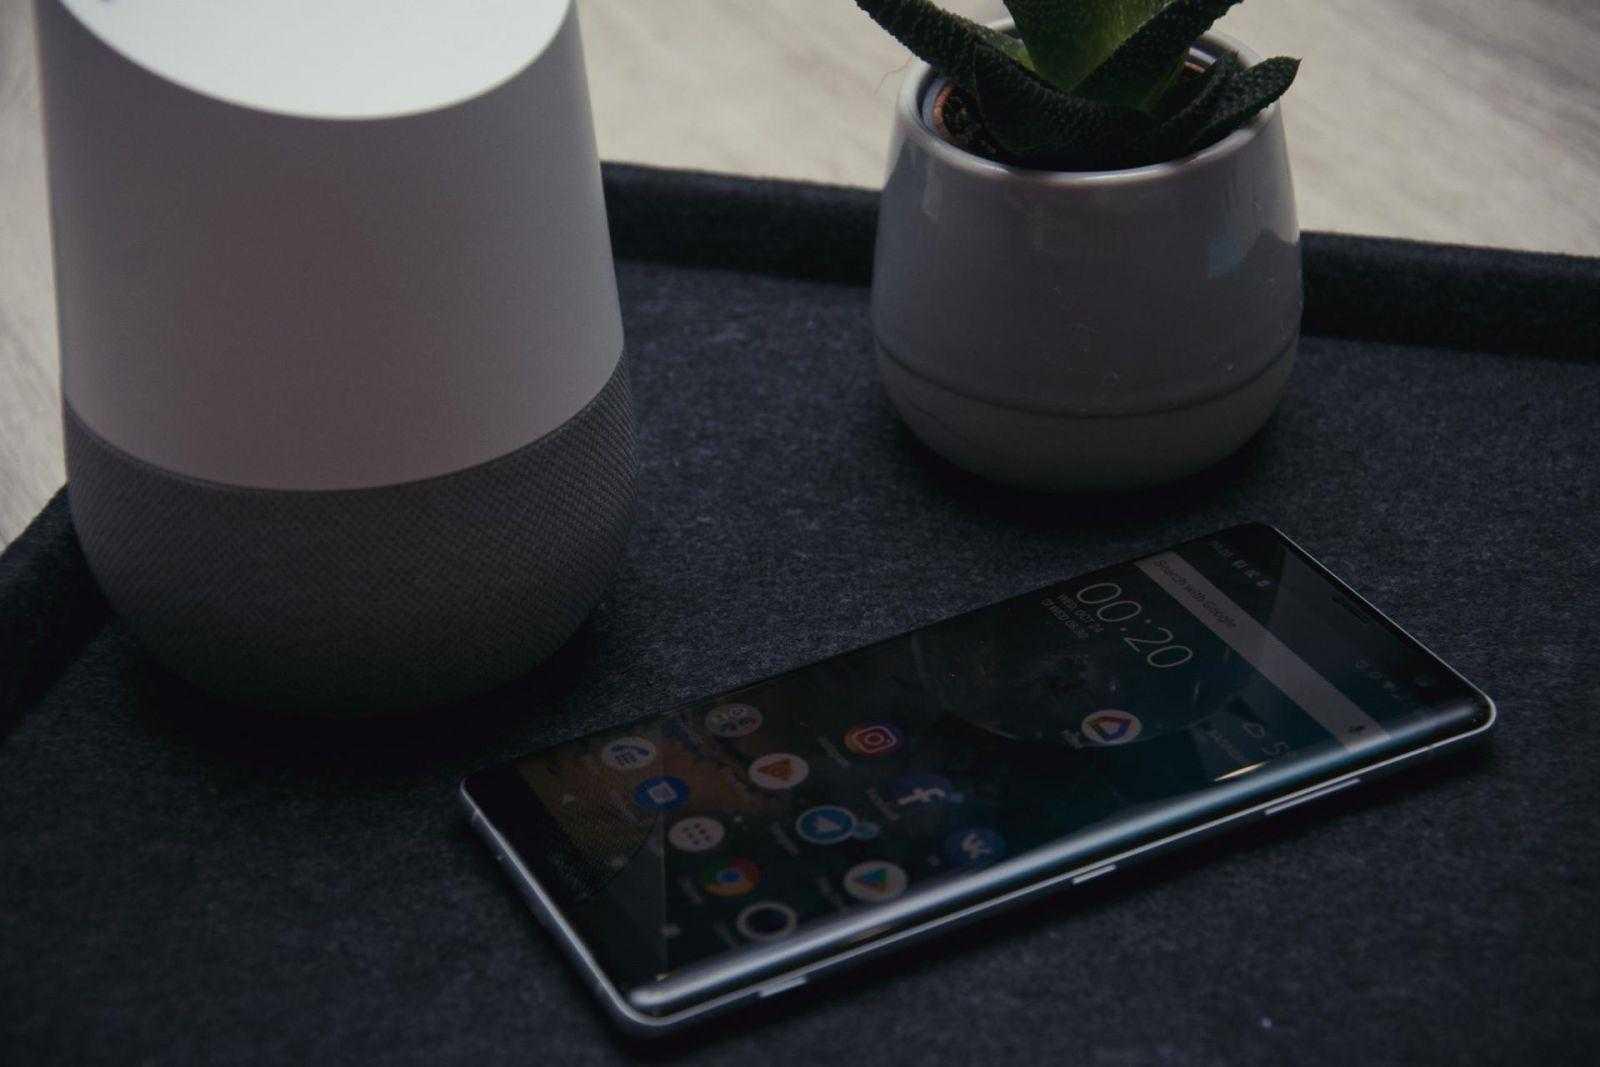 Обзор смартфона Sony Xperia XZ3. Идеальный флагман (dsc 6788)